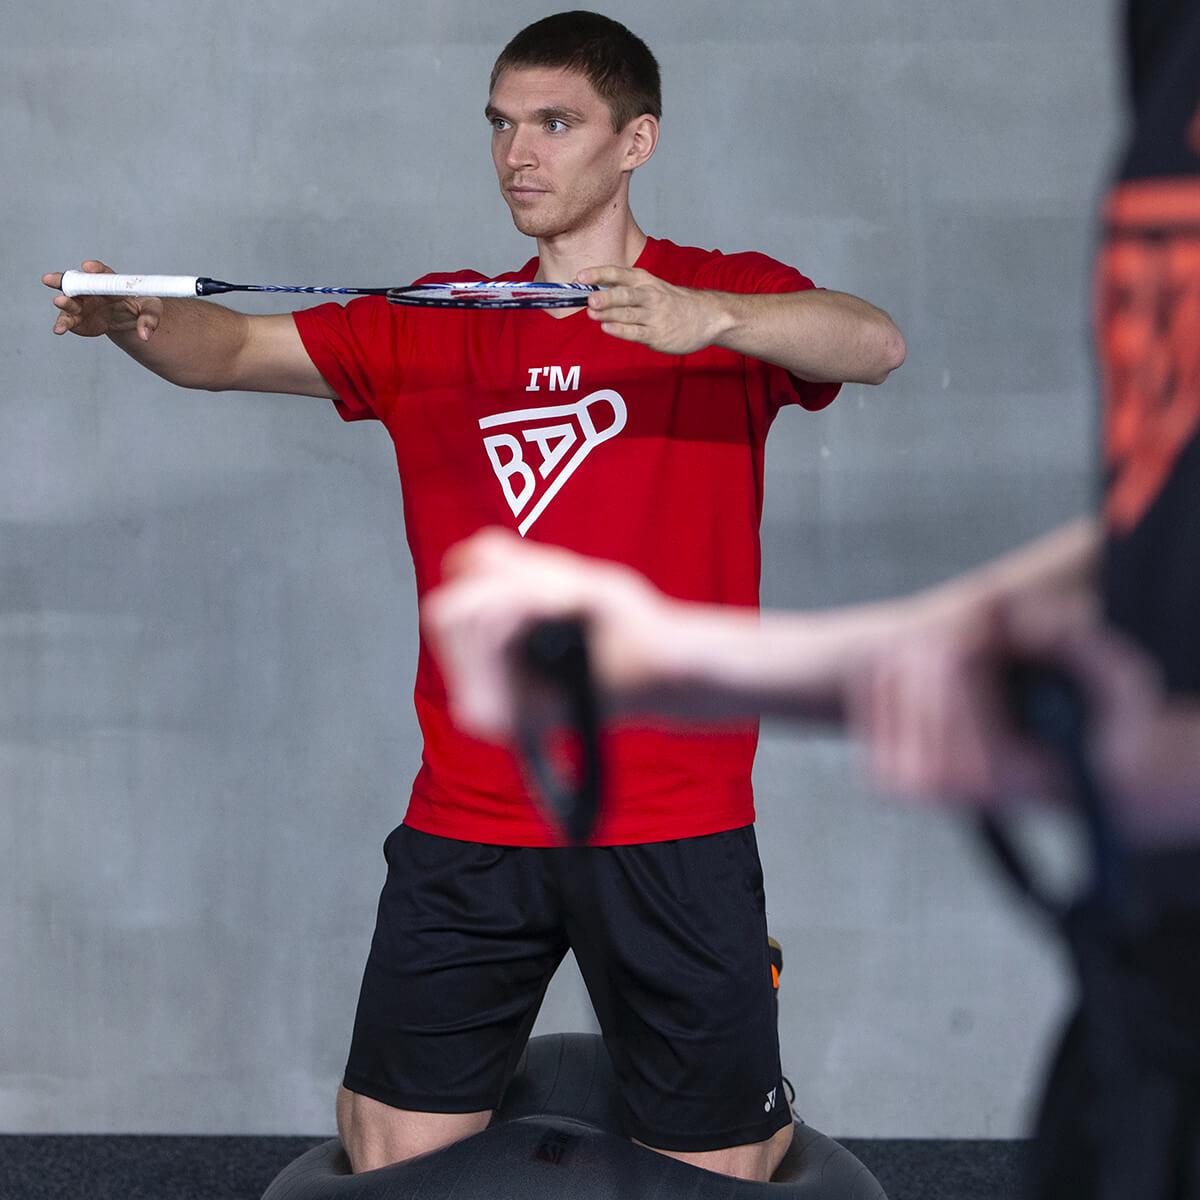 Fotografie hráče badmintonu s tričkem Czech Badminton